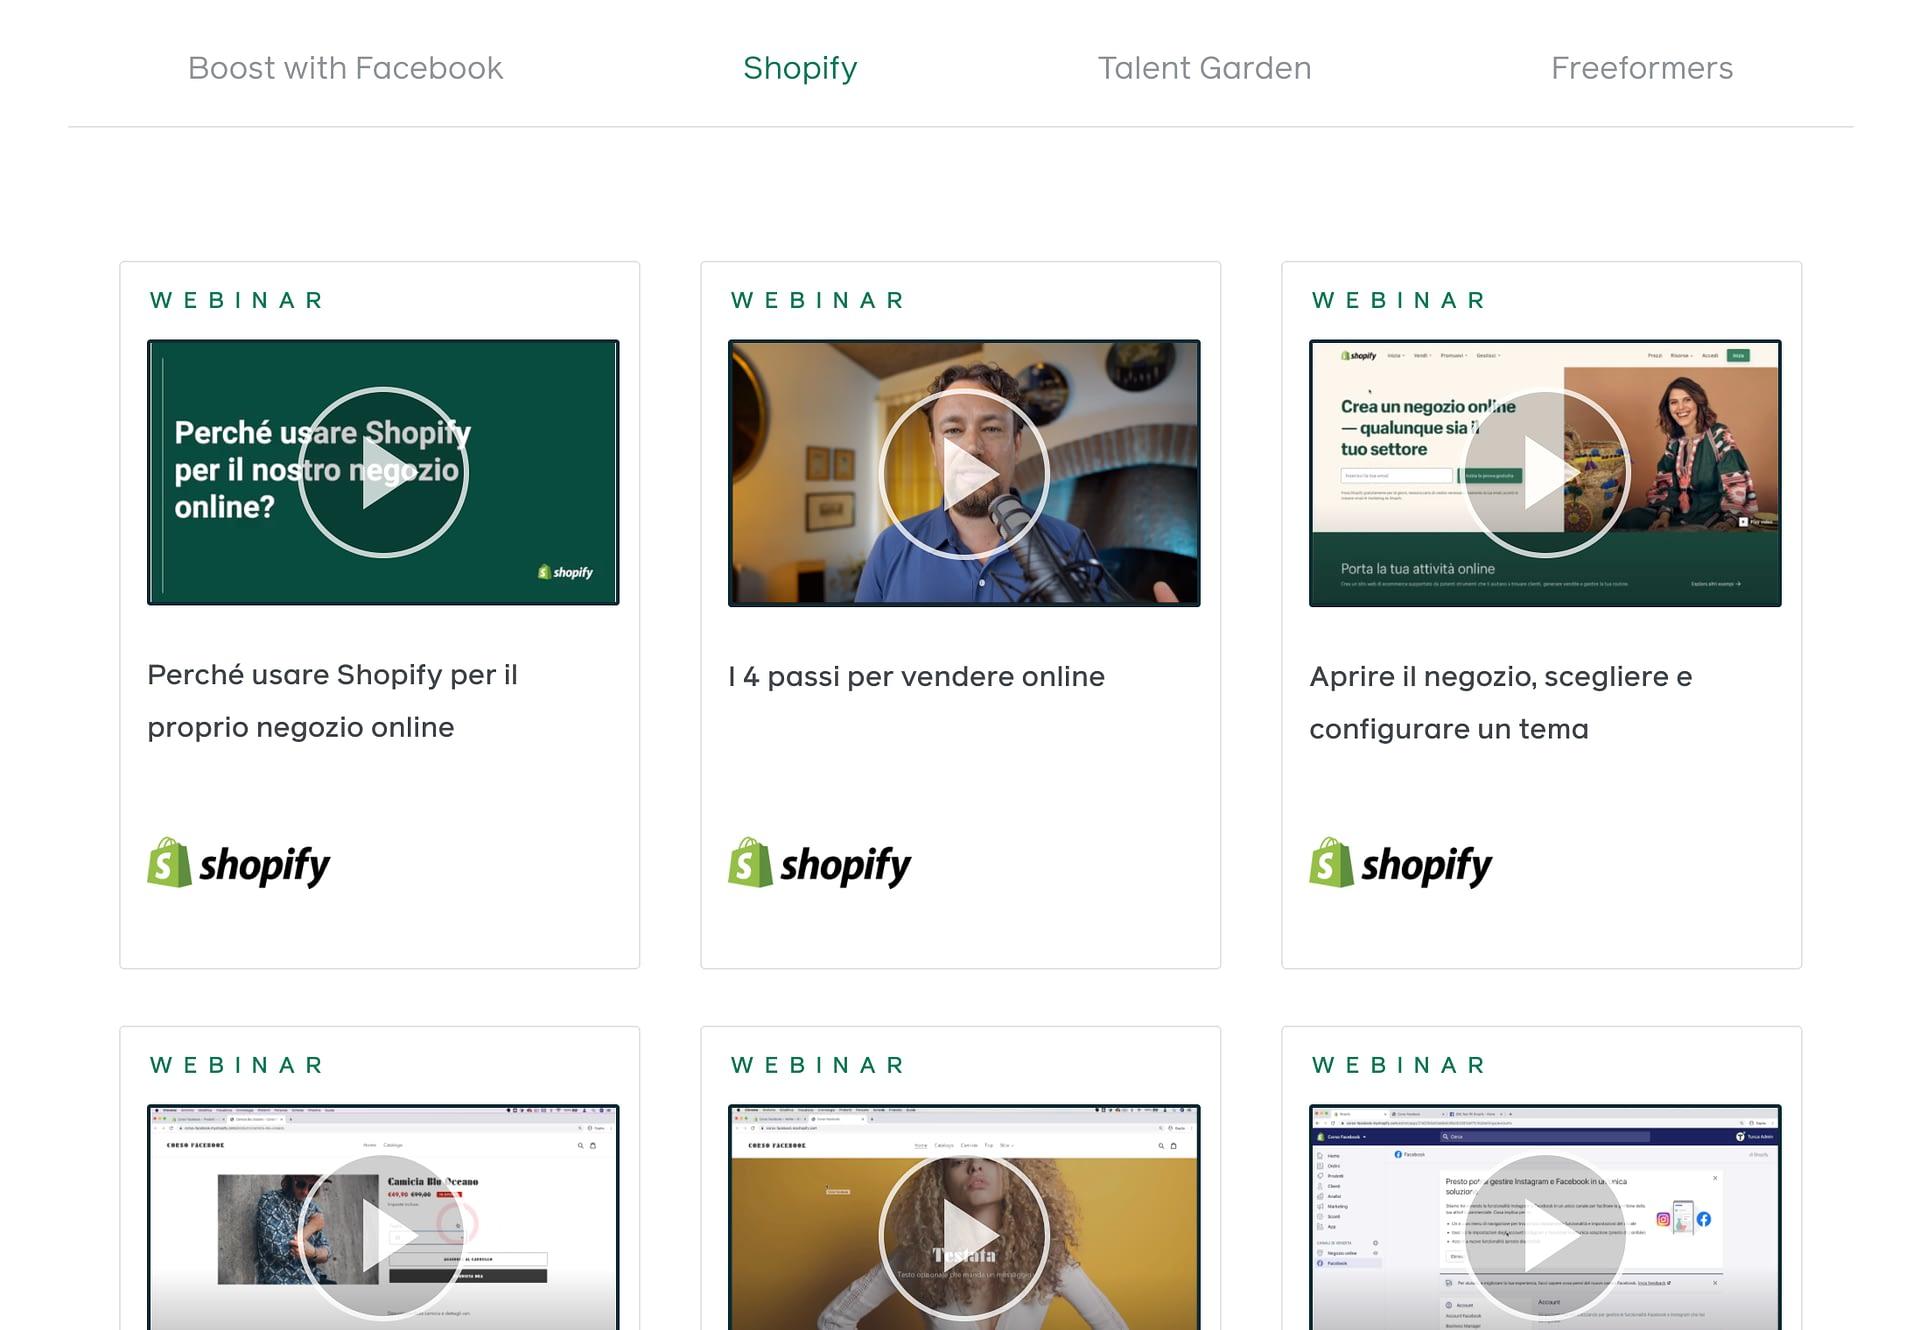 #piccolegrandimprese, mini corso in 7 lezioni su Shopify